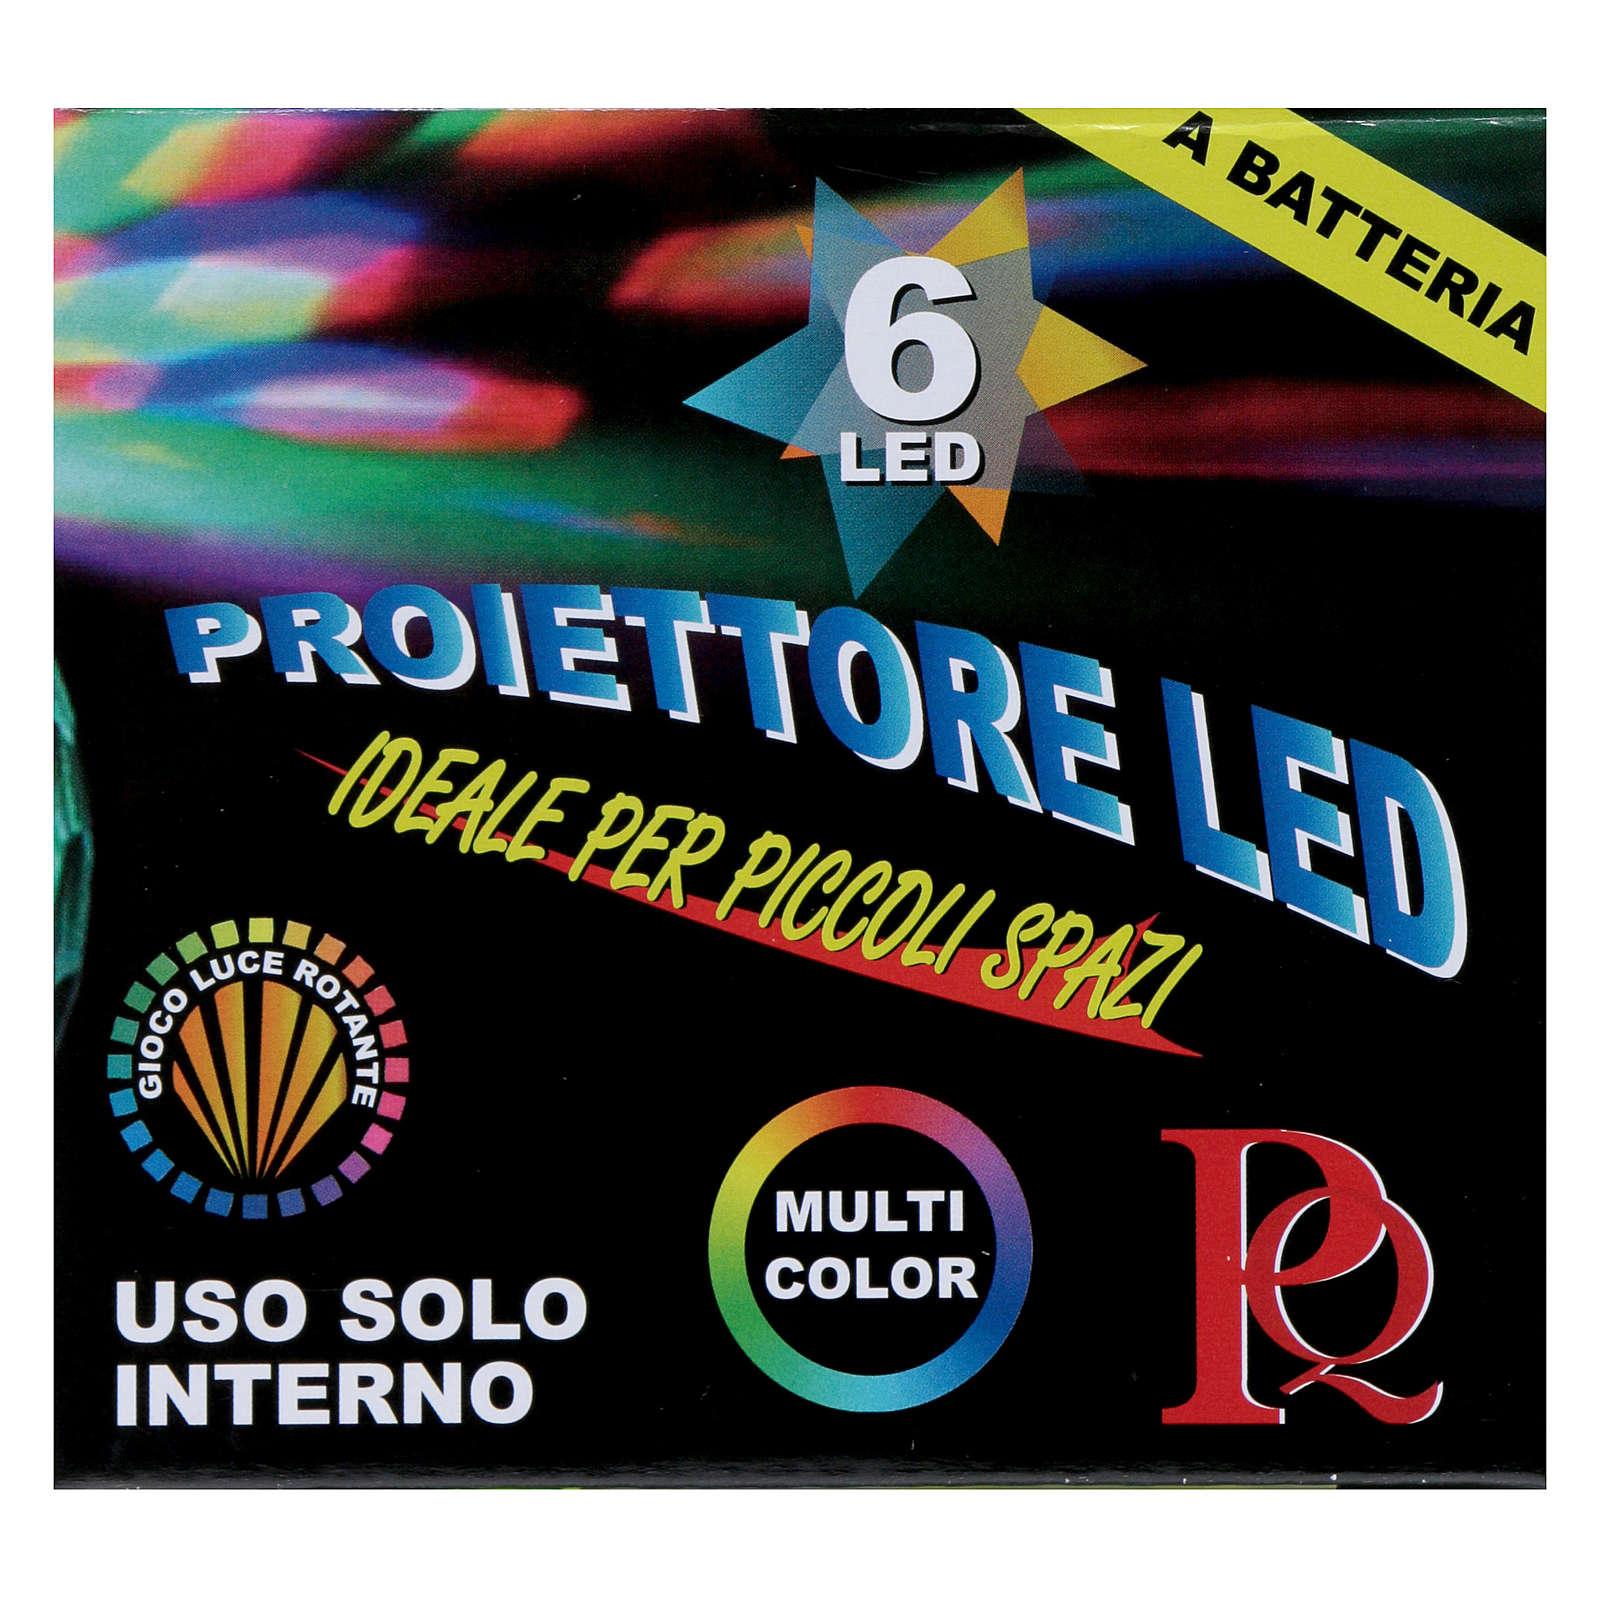 Proiettore 6 led multicolor Semisfera Rotante a batteria 3